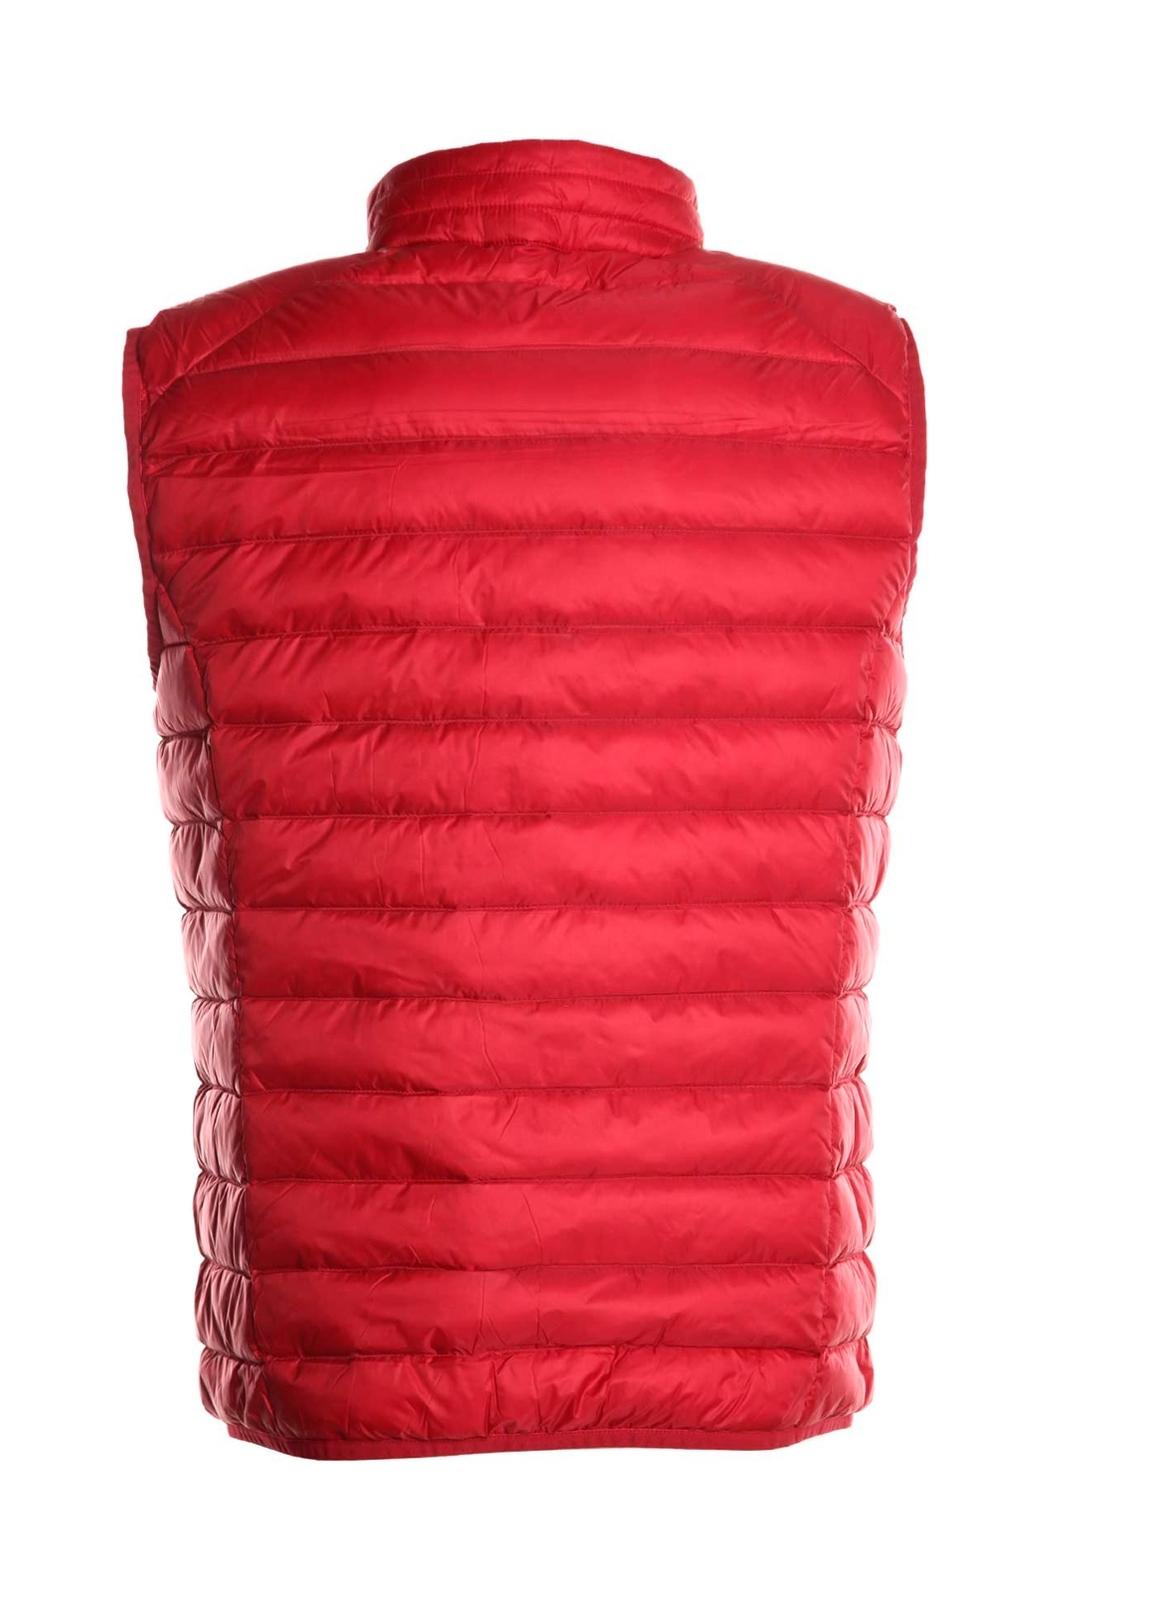 Chaleco ligero modelo TOM color rojo. - Ítem1